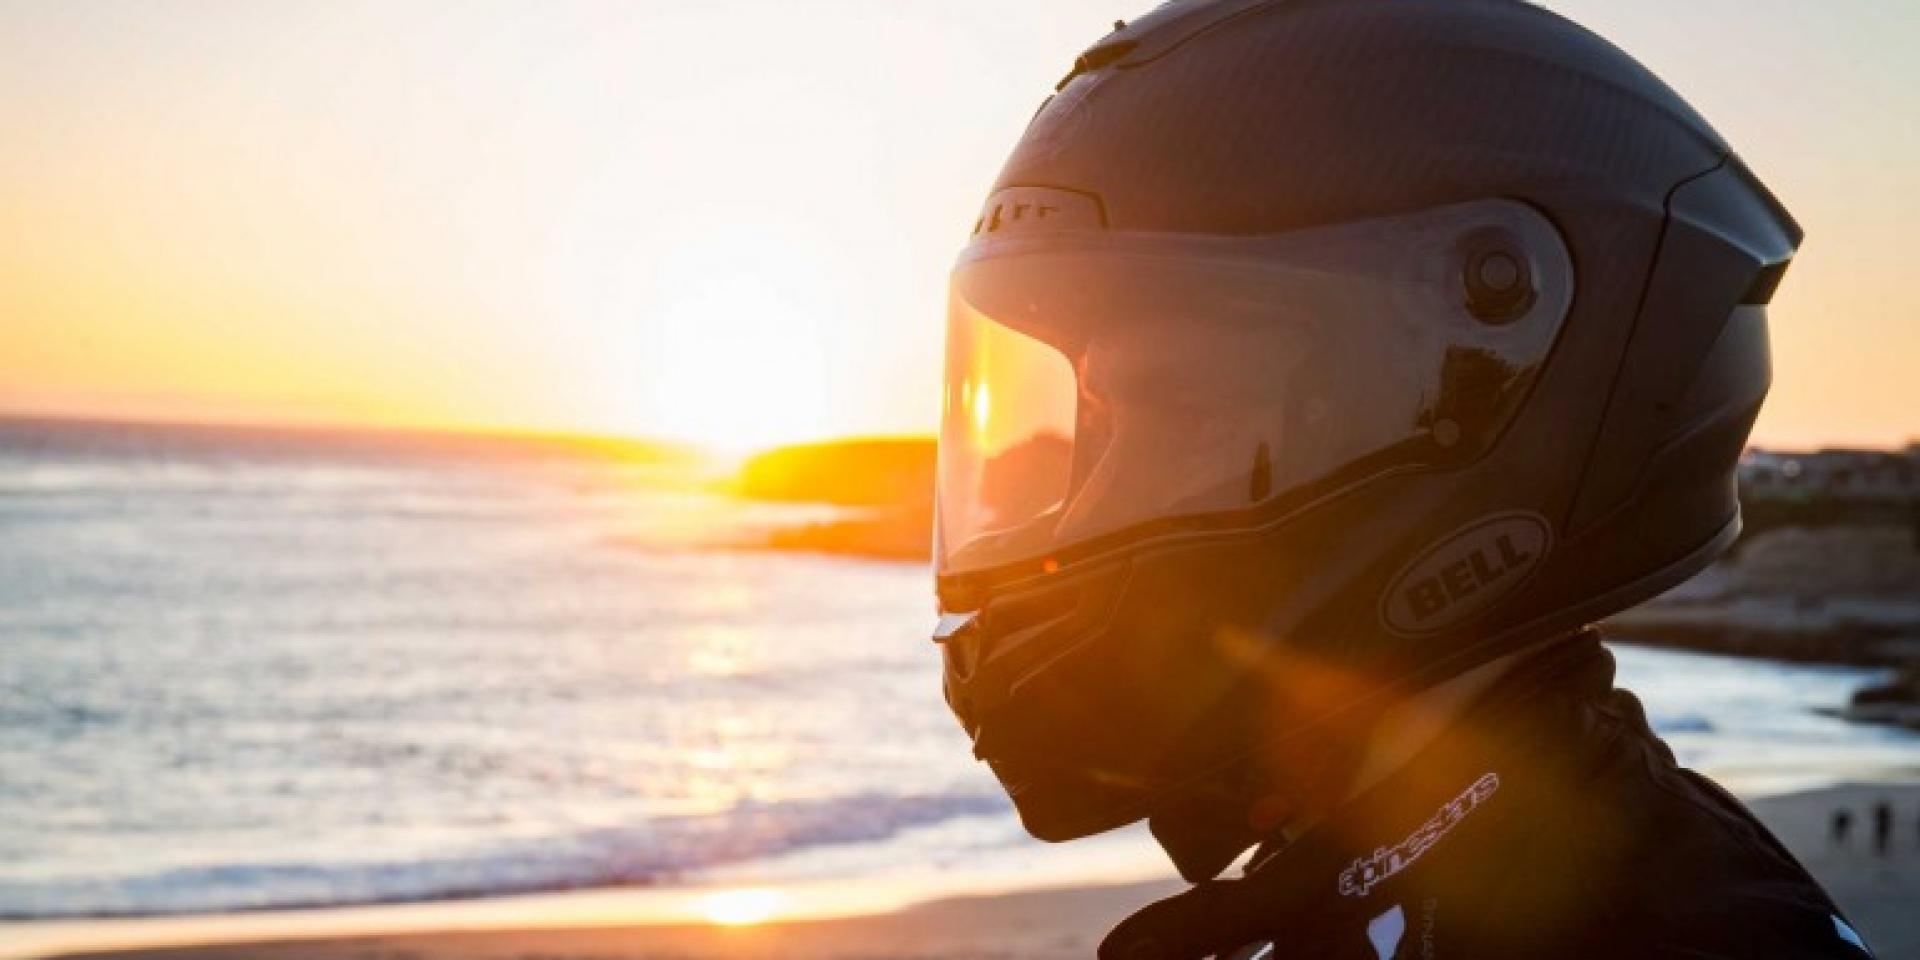 遇到陽光就變深,Bell安全帽鏡片變色更方便